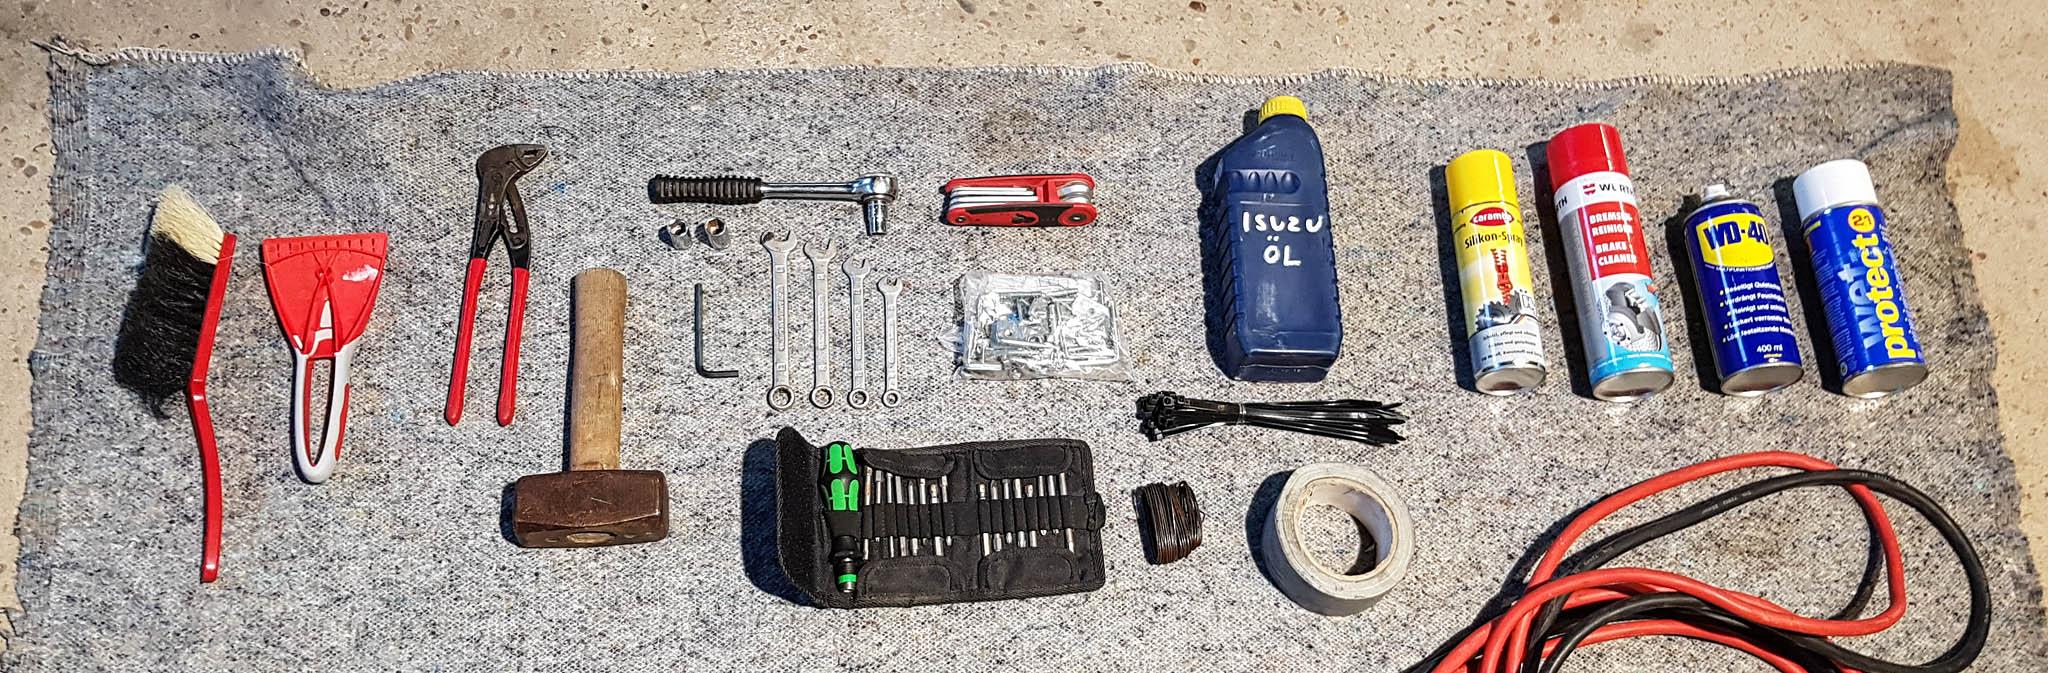 Dachzelt Packliste: Die Werkzeug Grundversorgung eines Dachzeltnomaden